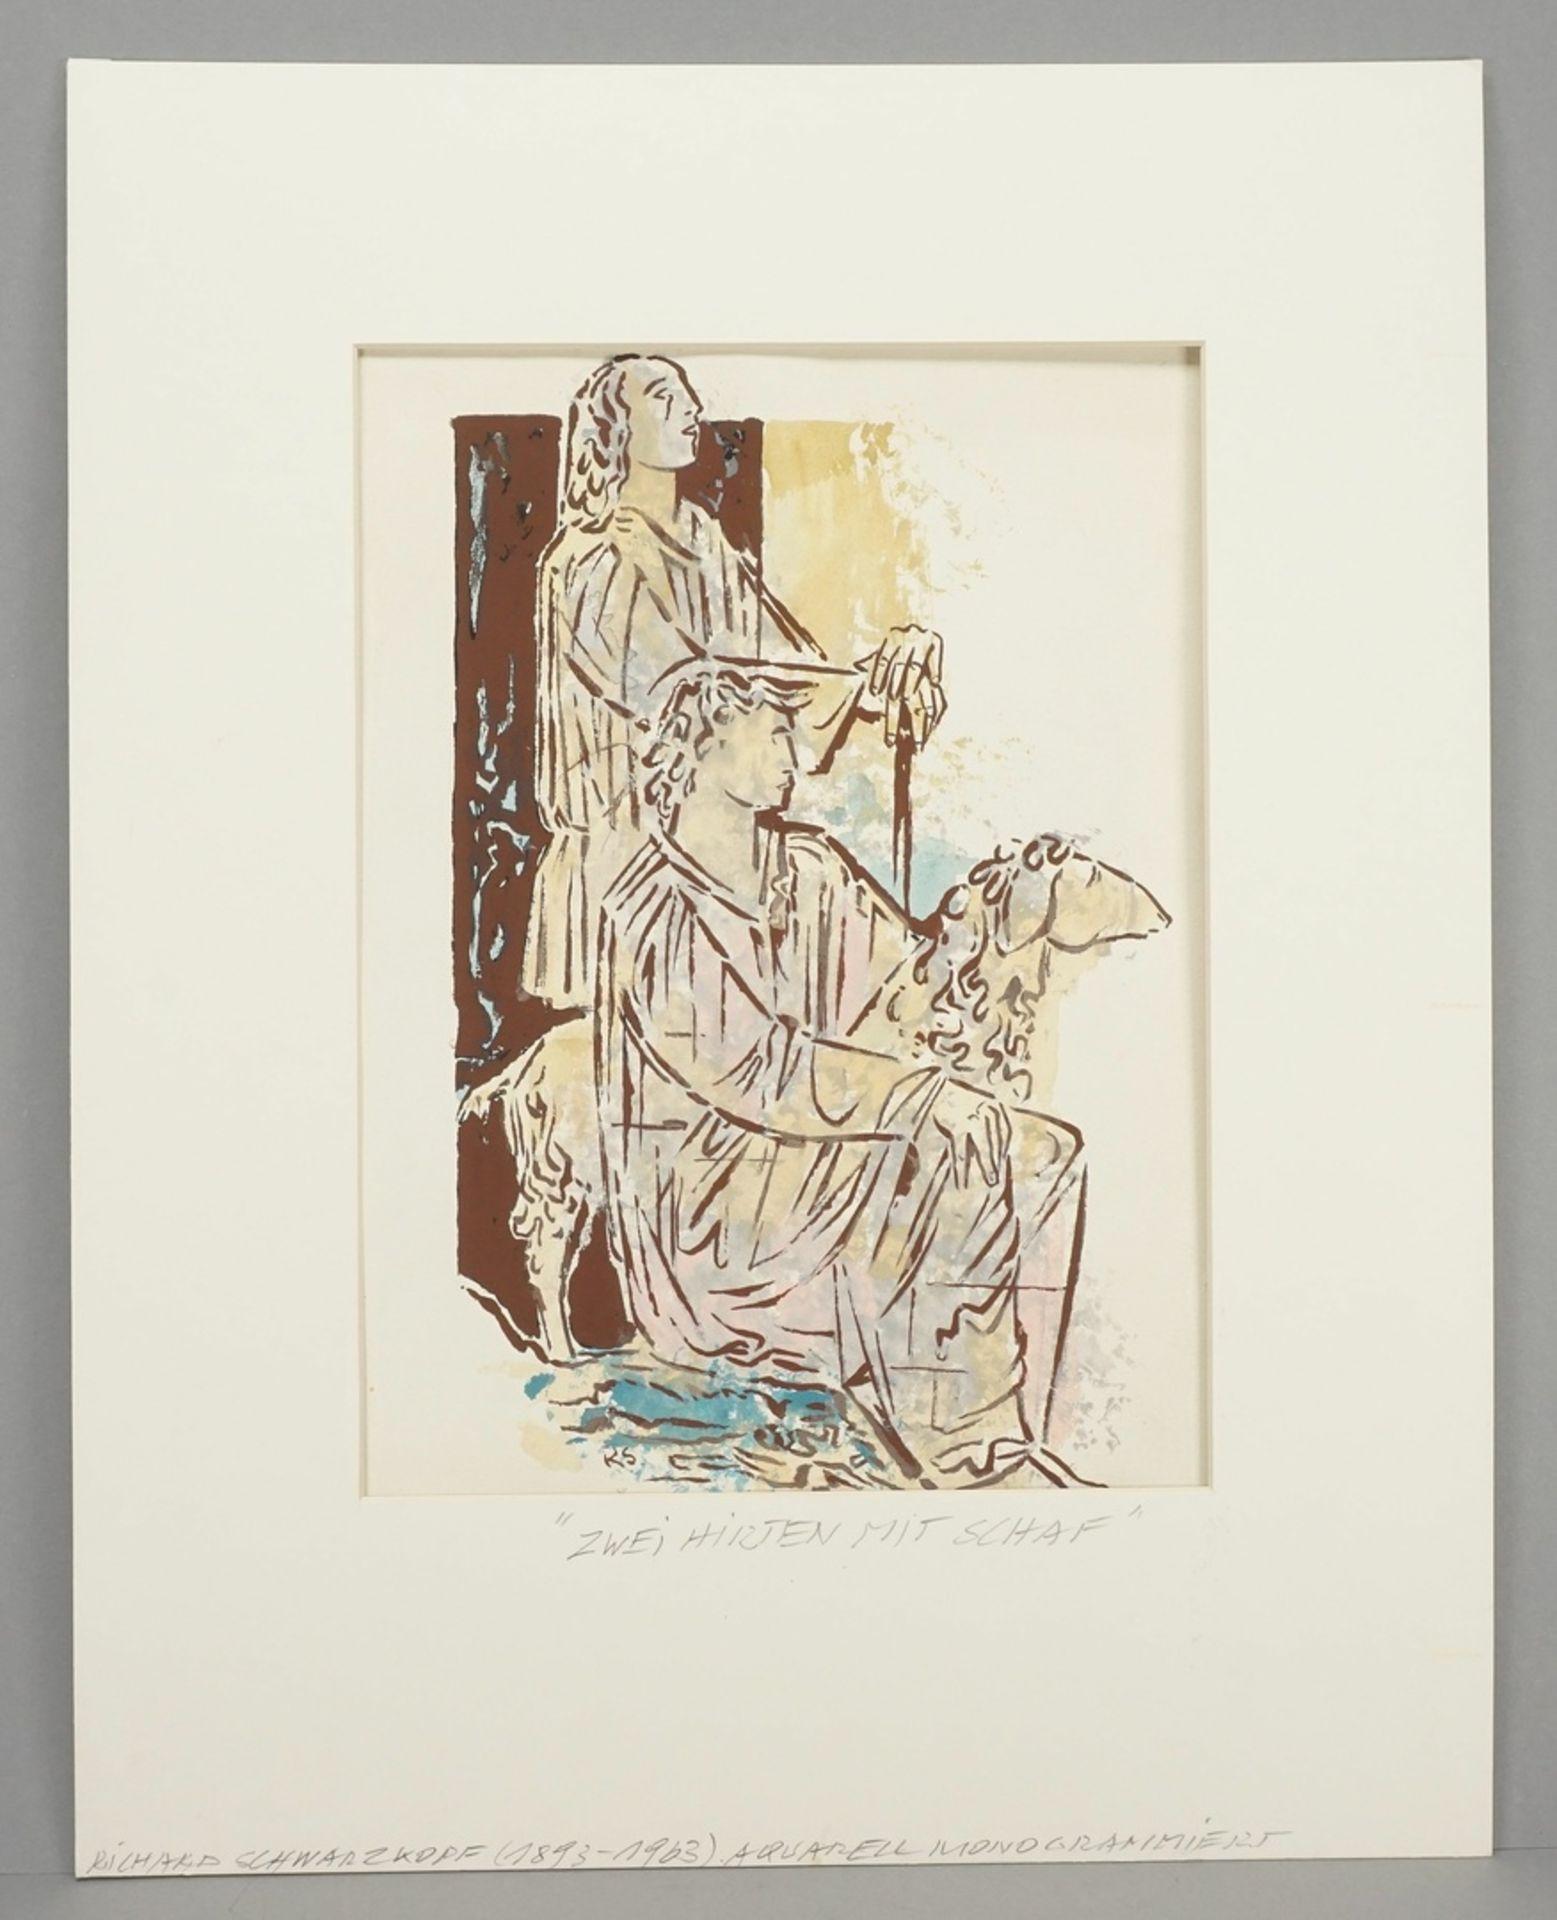 Richard Schwarzkopf, Zwei Hirten mit Schaf - Bild 2 aus 5